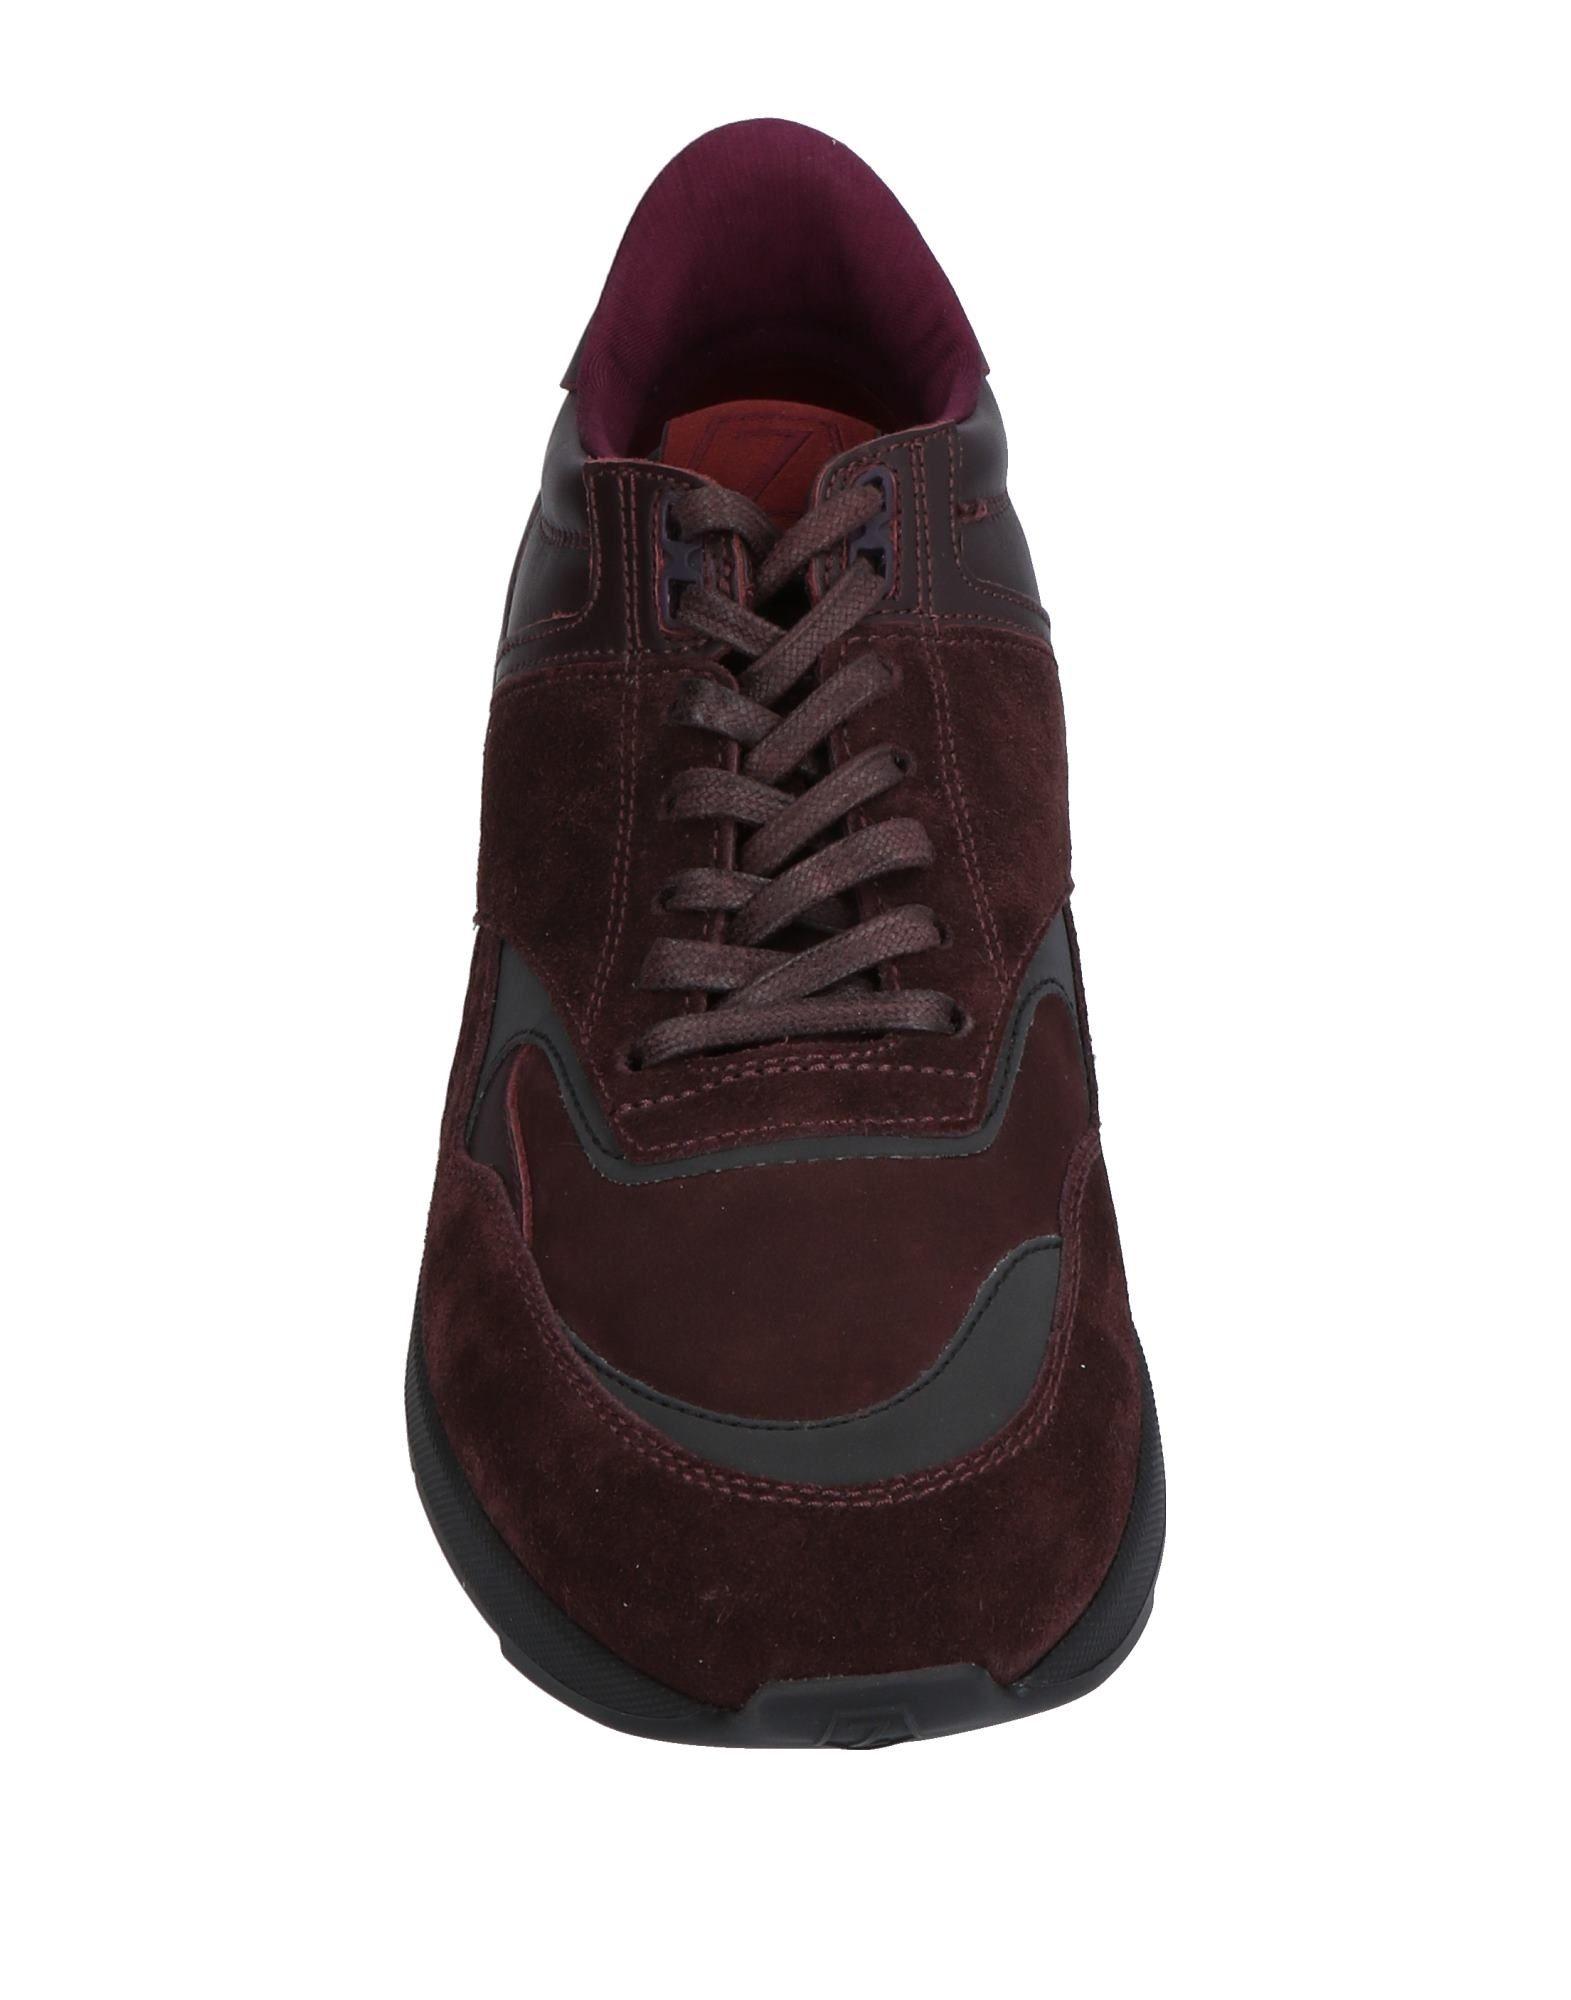 Zzegna Sneakers Herren Herren Sneakers  11031846LM  60bf2e